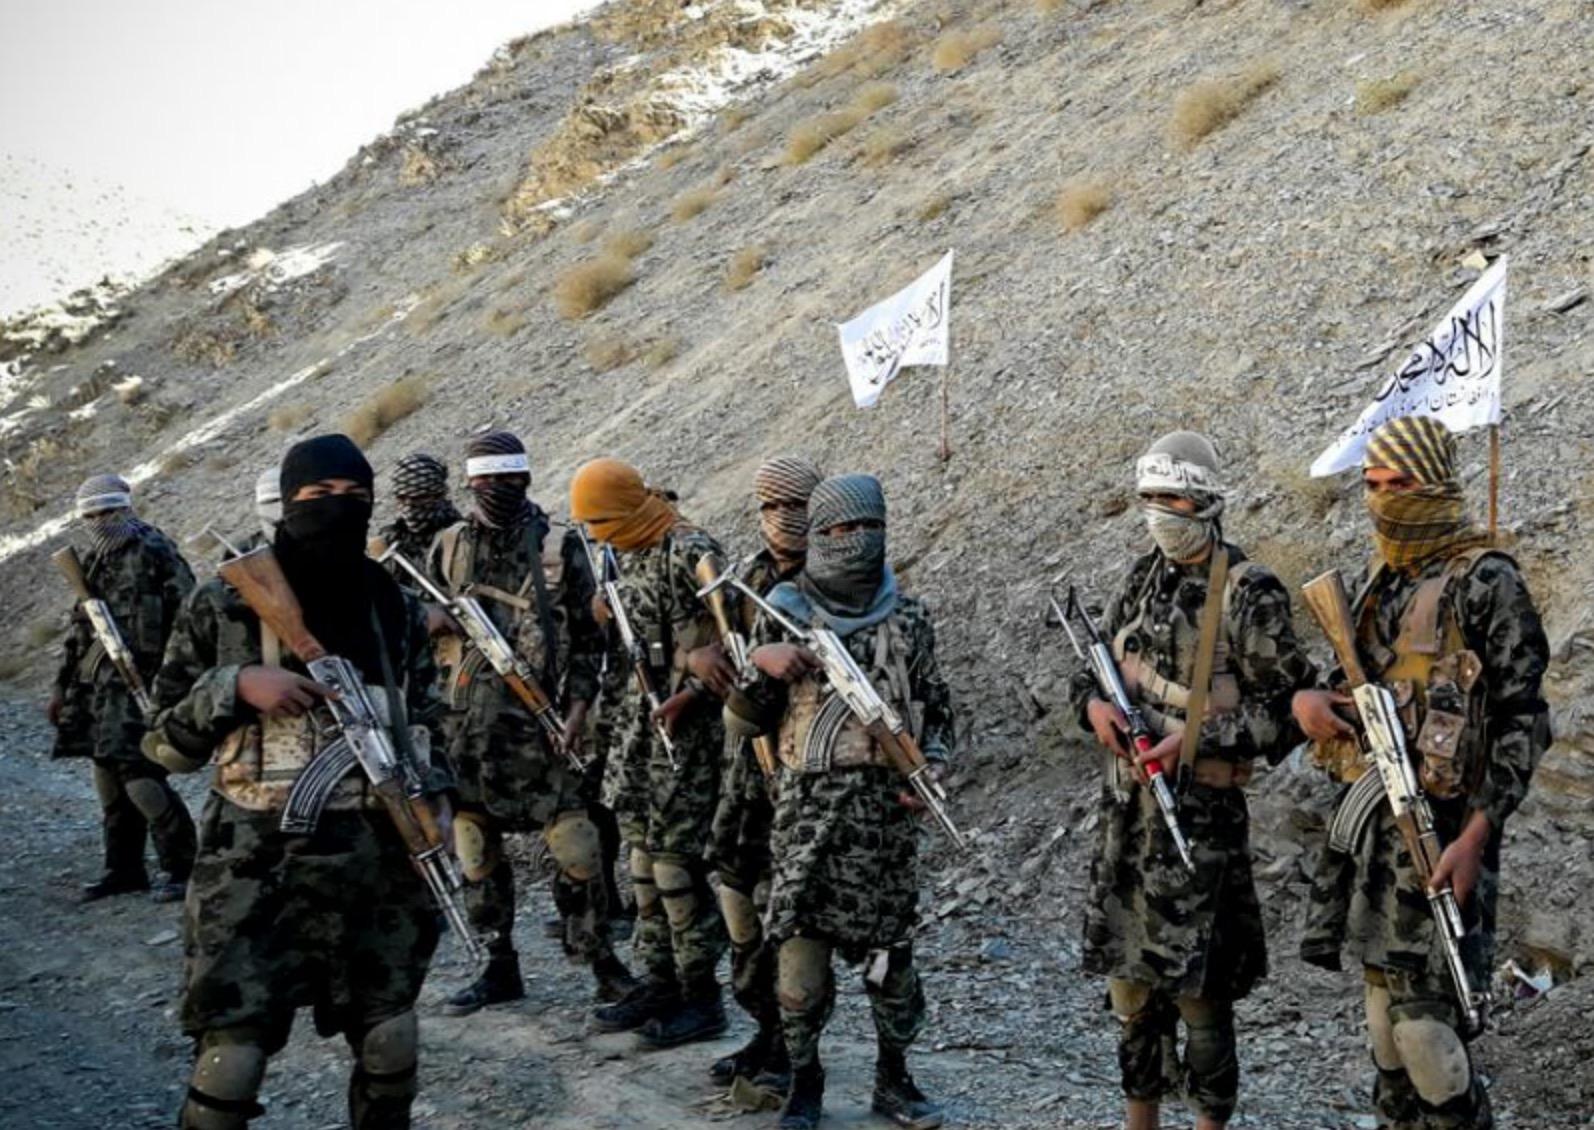 Otel baskınını Taliban üstlendi: ABD'li askeri yetkilileri hedef aldık